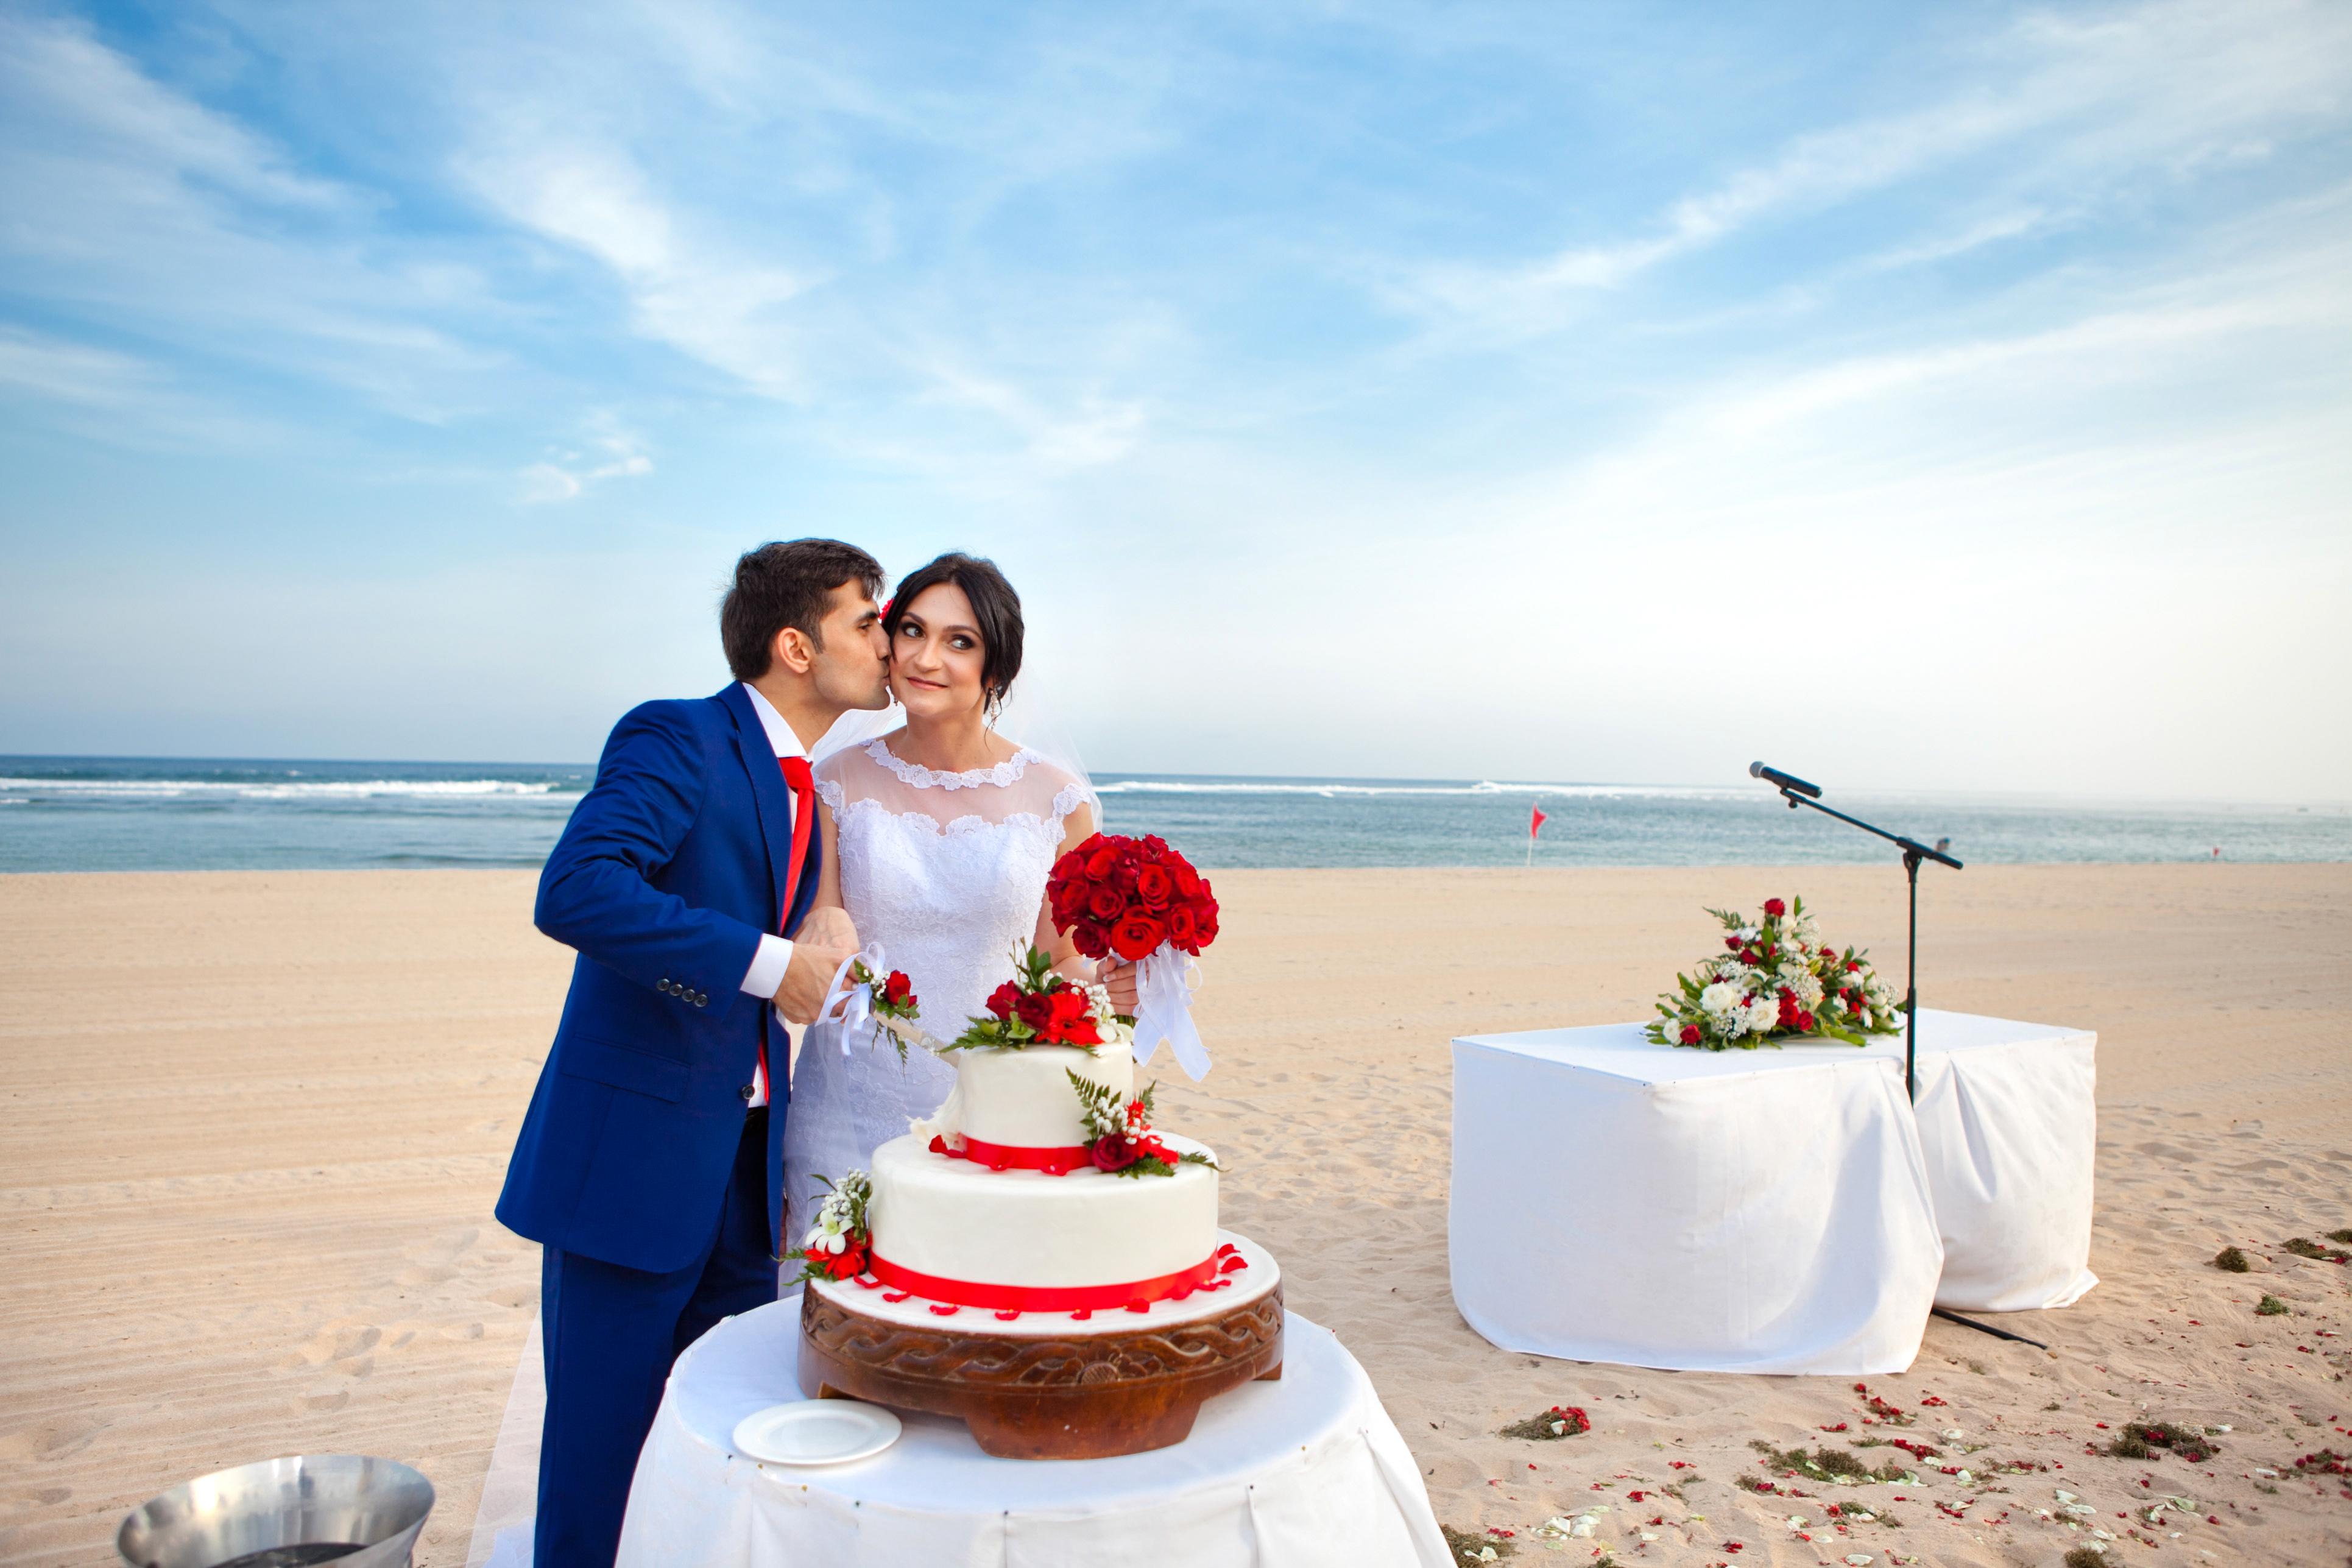 будущем свадьбы в клиентских играх войсковой